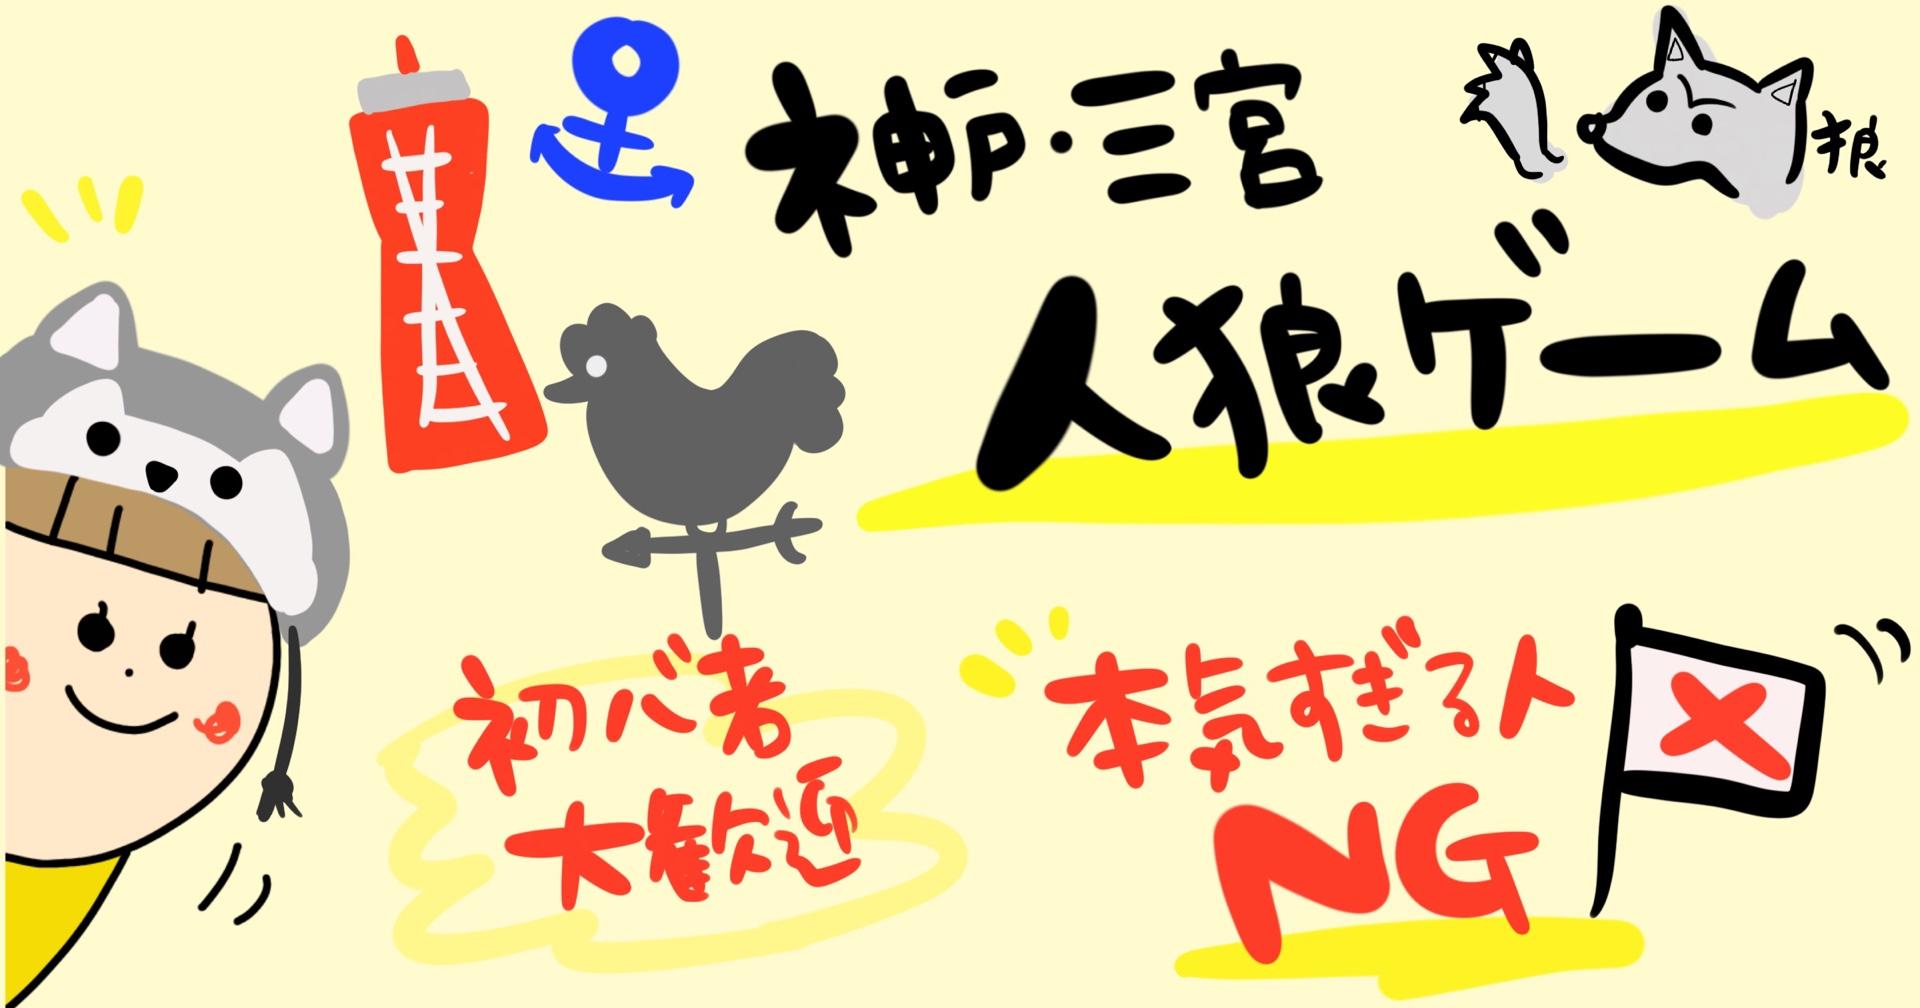 神戸で人狼ゲーム・三宮で人狼ゲームしませんか?